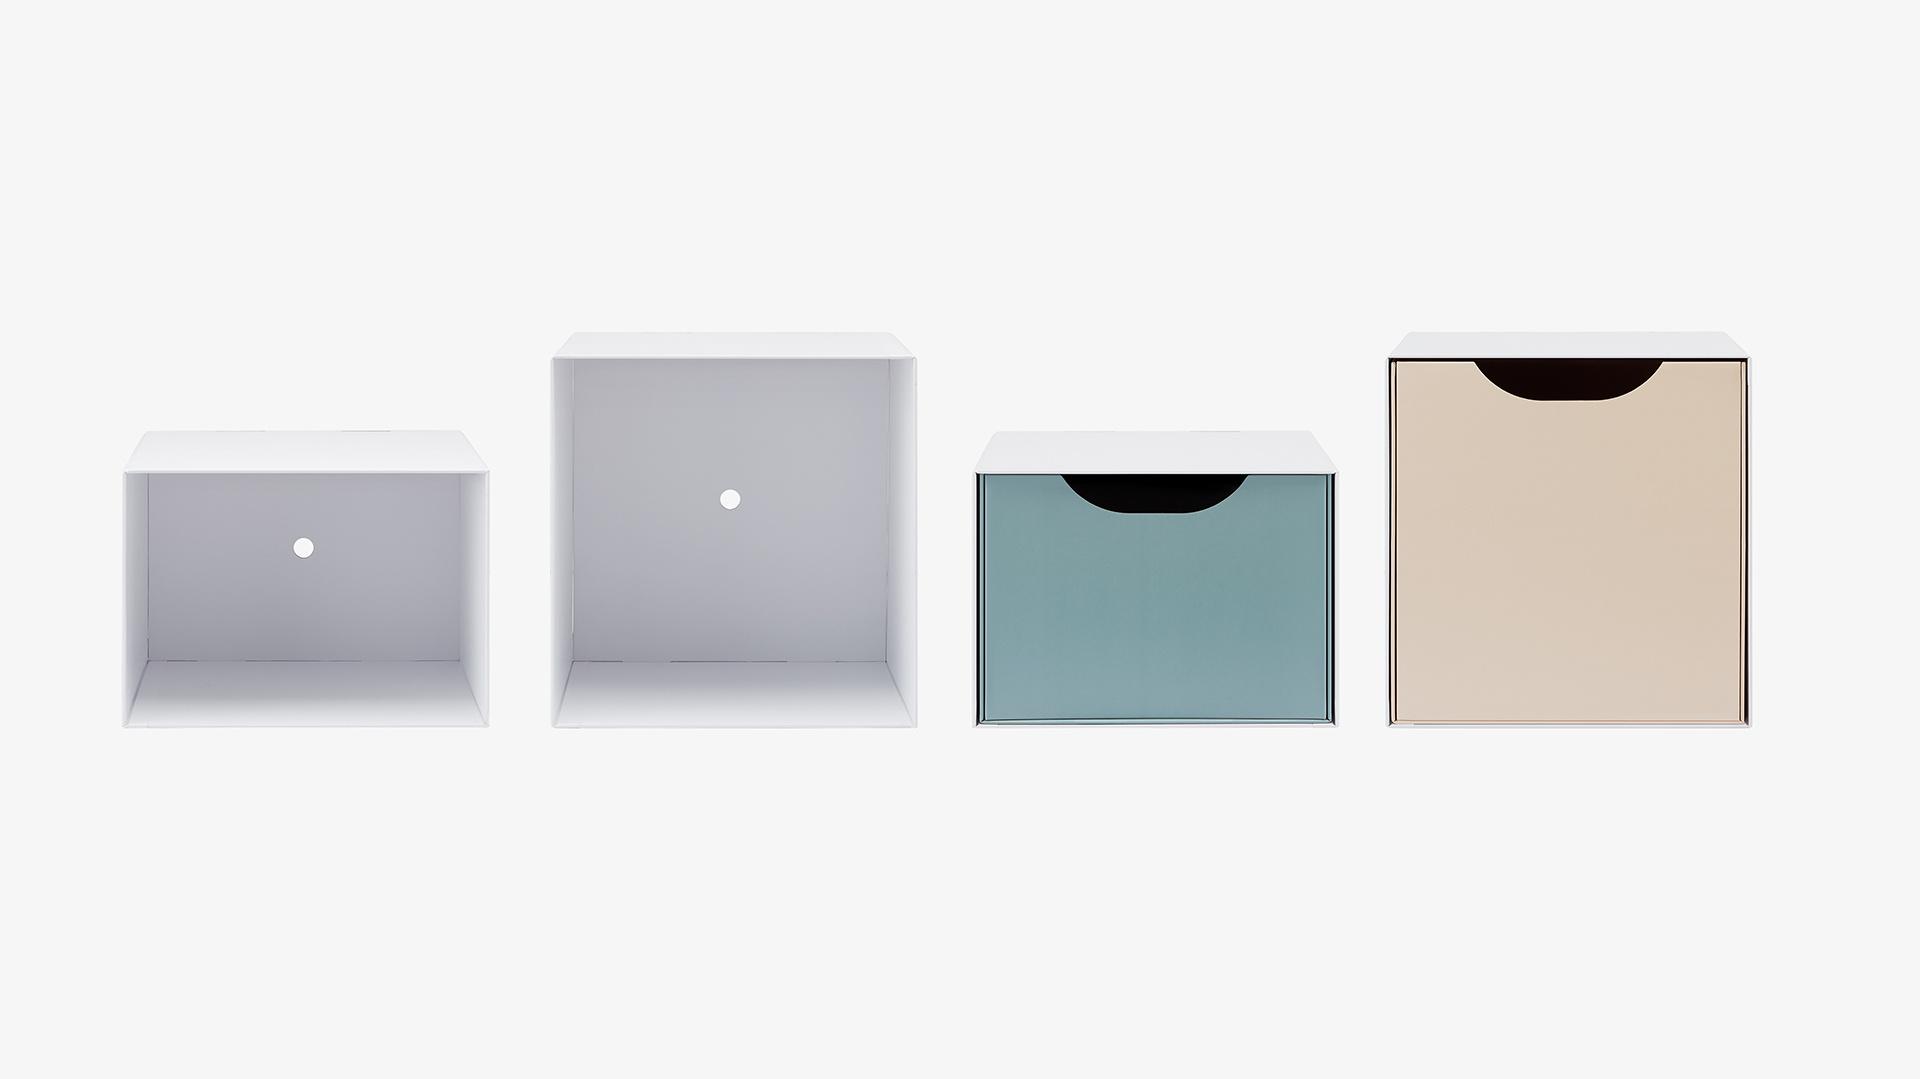 2款外盒+2款组合,横纵自由配